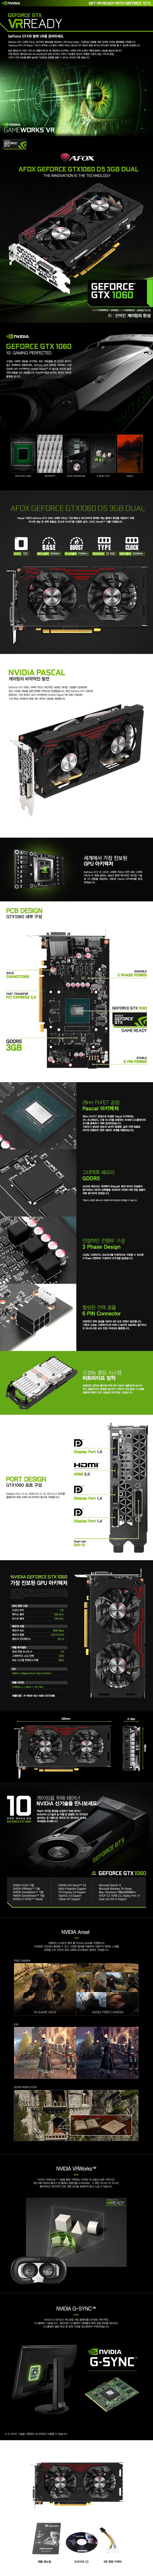 AFOX 지포스 GTX1060 D5 3GB 듀얼_벌크 db.jpg